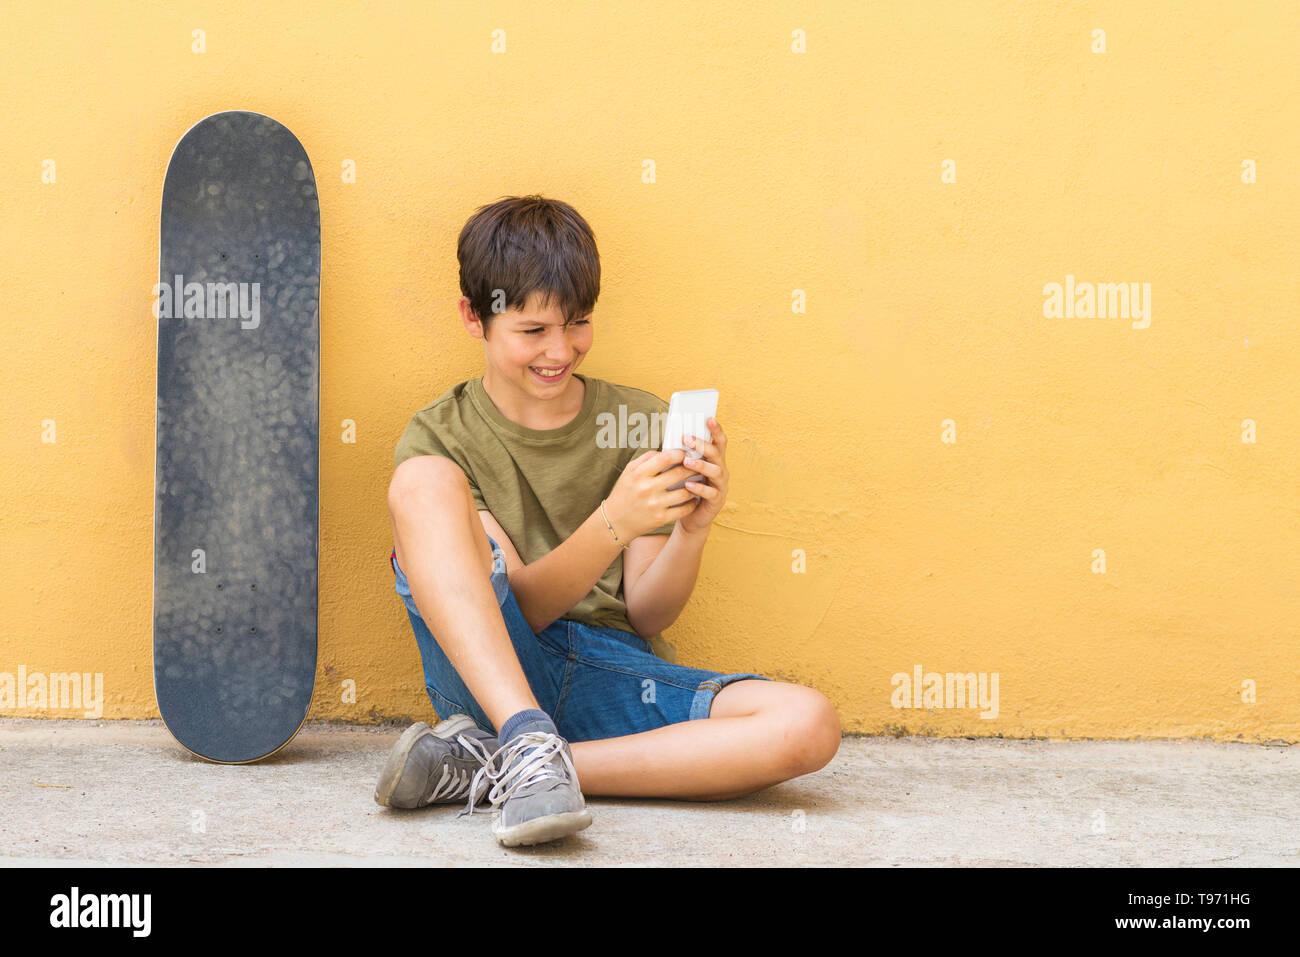 c20be8ee08 Vista frontal de la joven sentada en el suelo apoyándose sobre una pared  amarilla mientras se